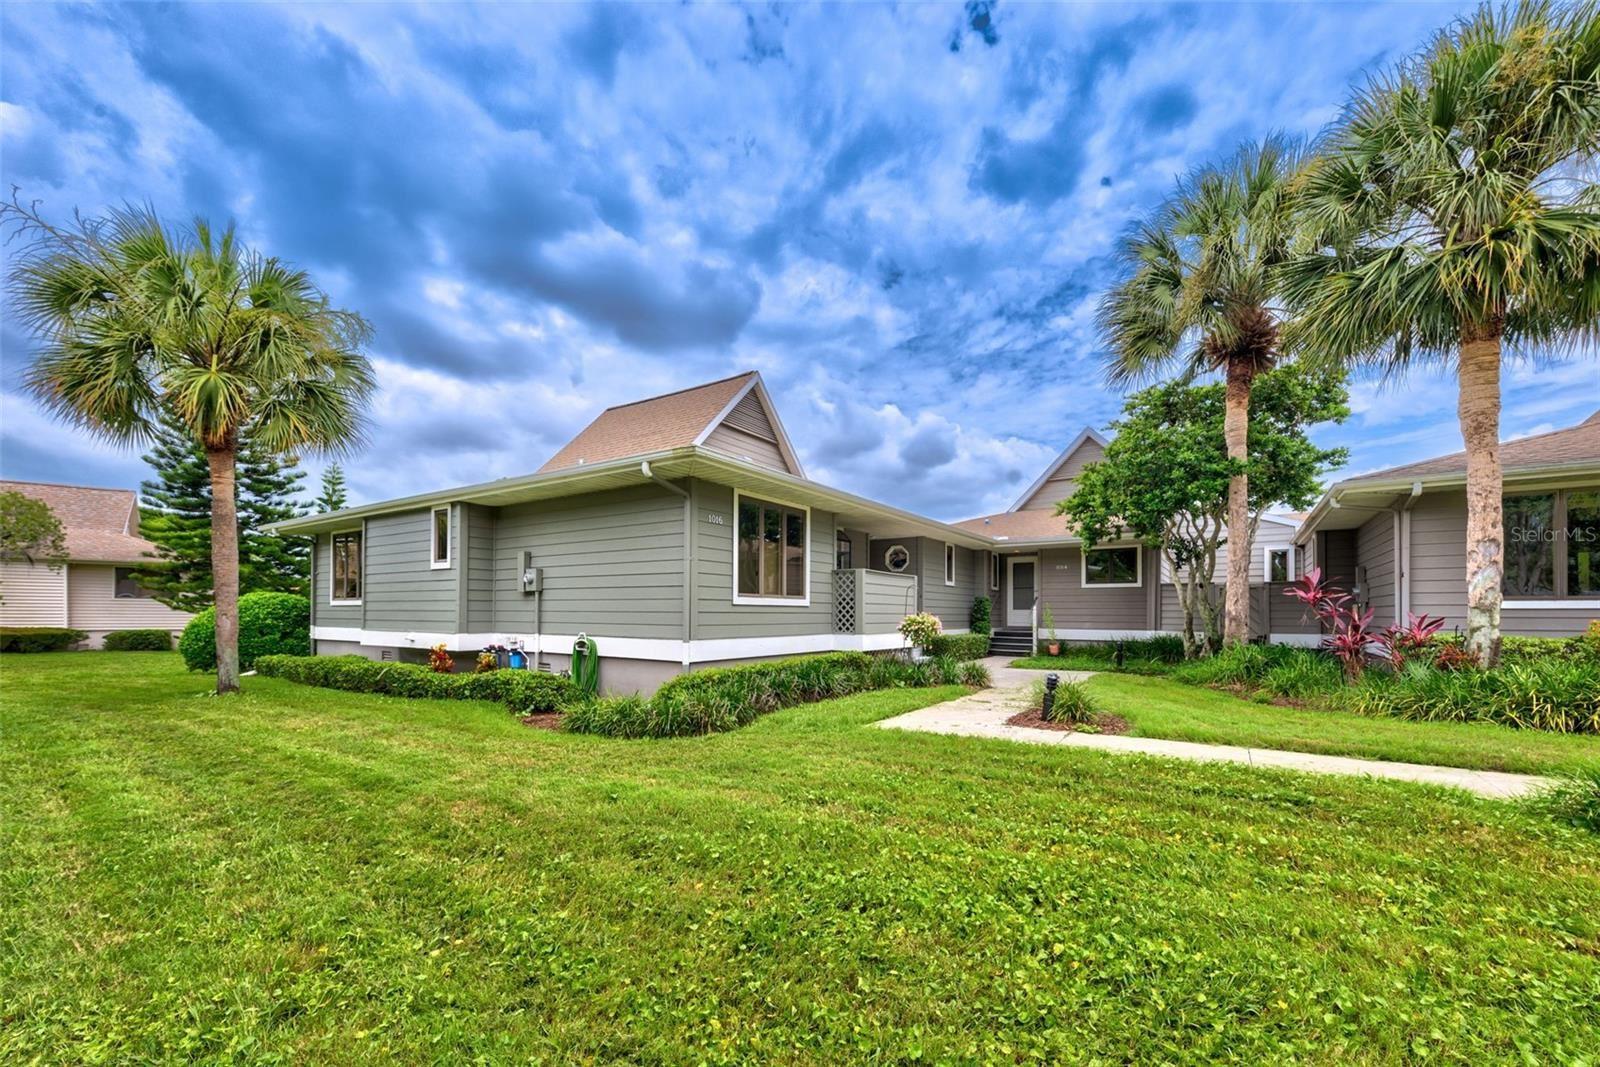 1014 LAKE AVOCA COURT, Tarpon Springs, FL 34689 - MLS#: U8130544